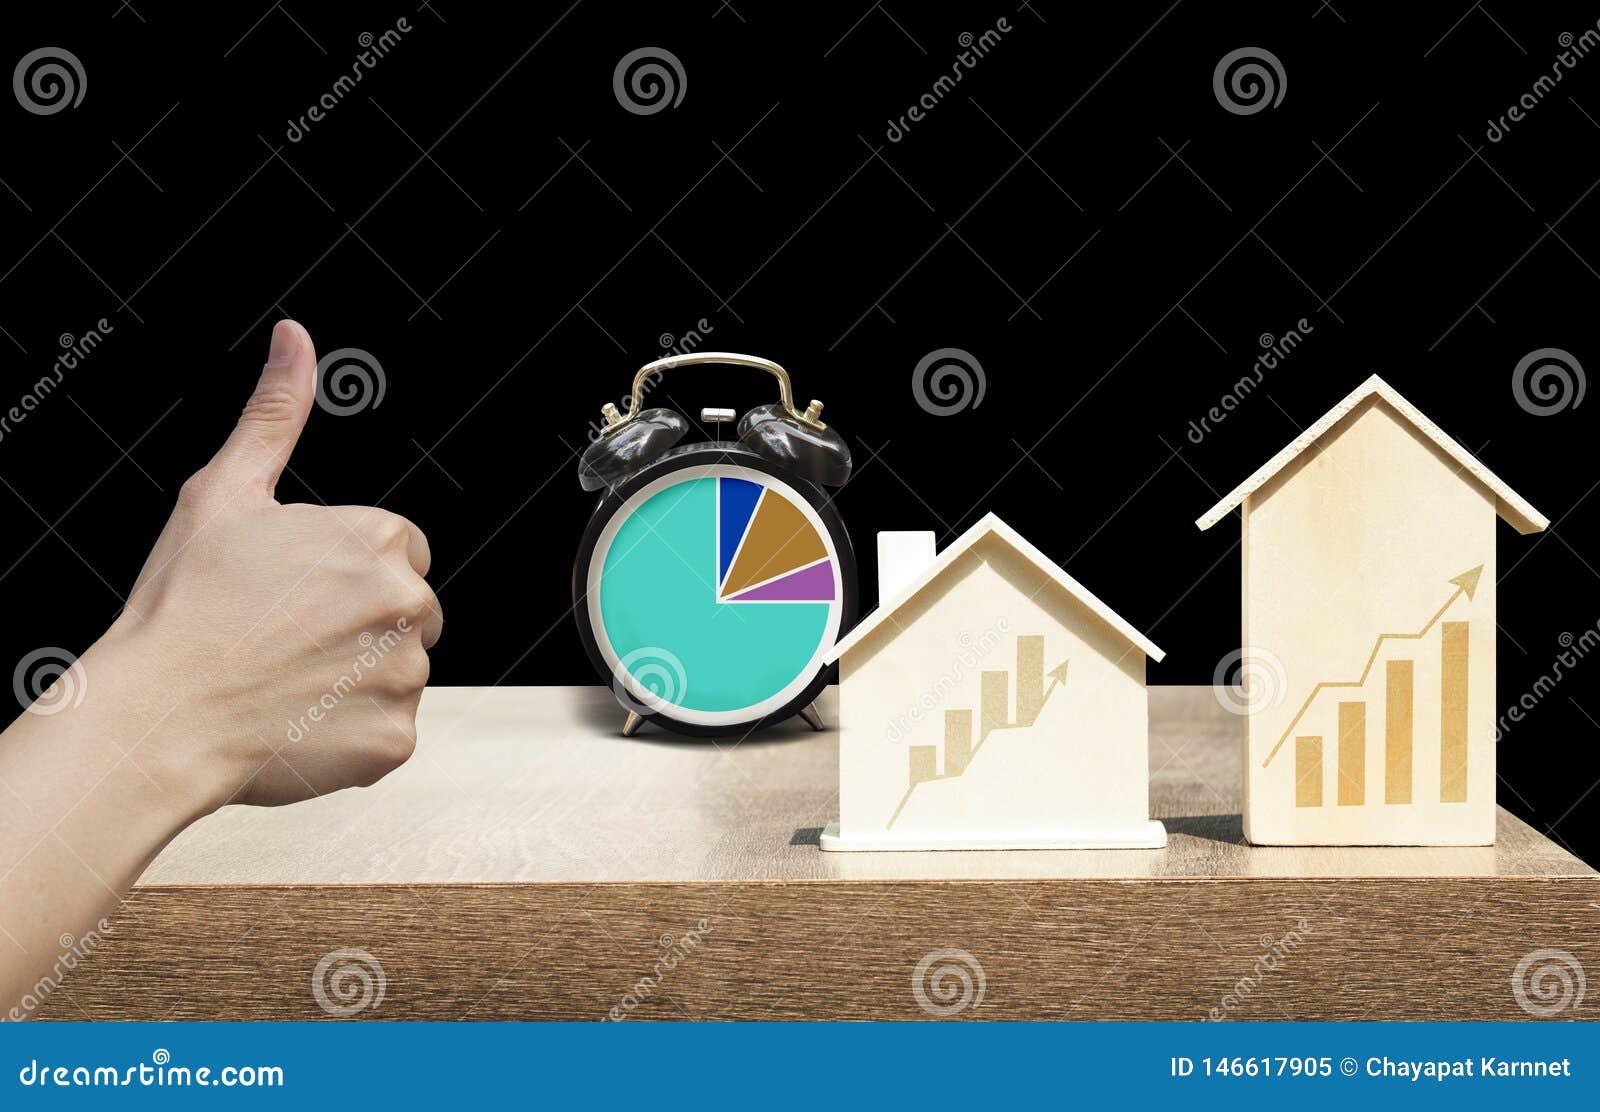 Inversi?n en las propiedades que tienen buenas devoluciones en un corto per?odo de tiempo